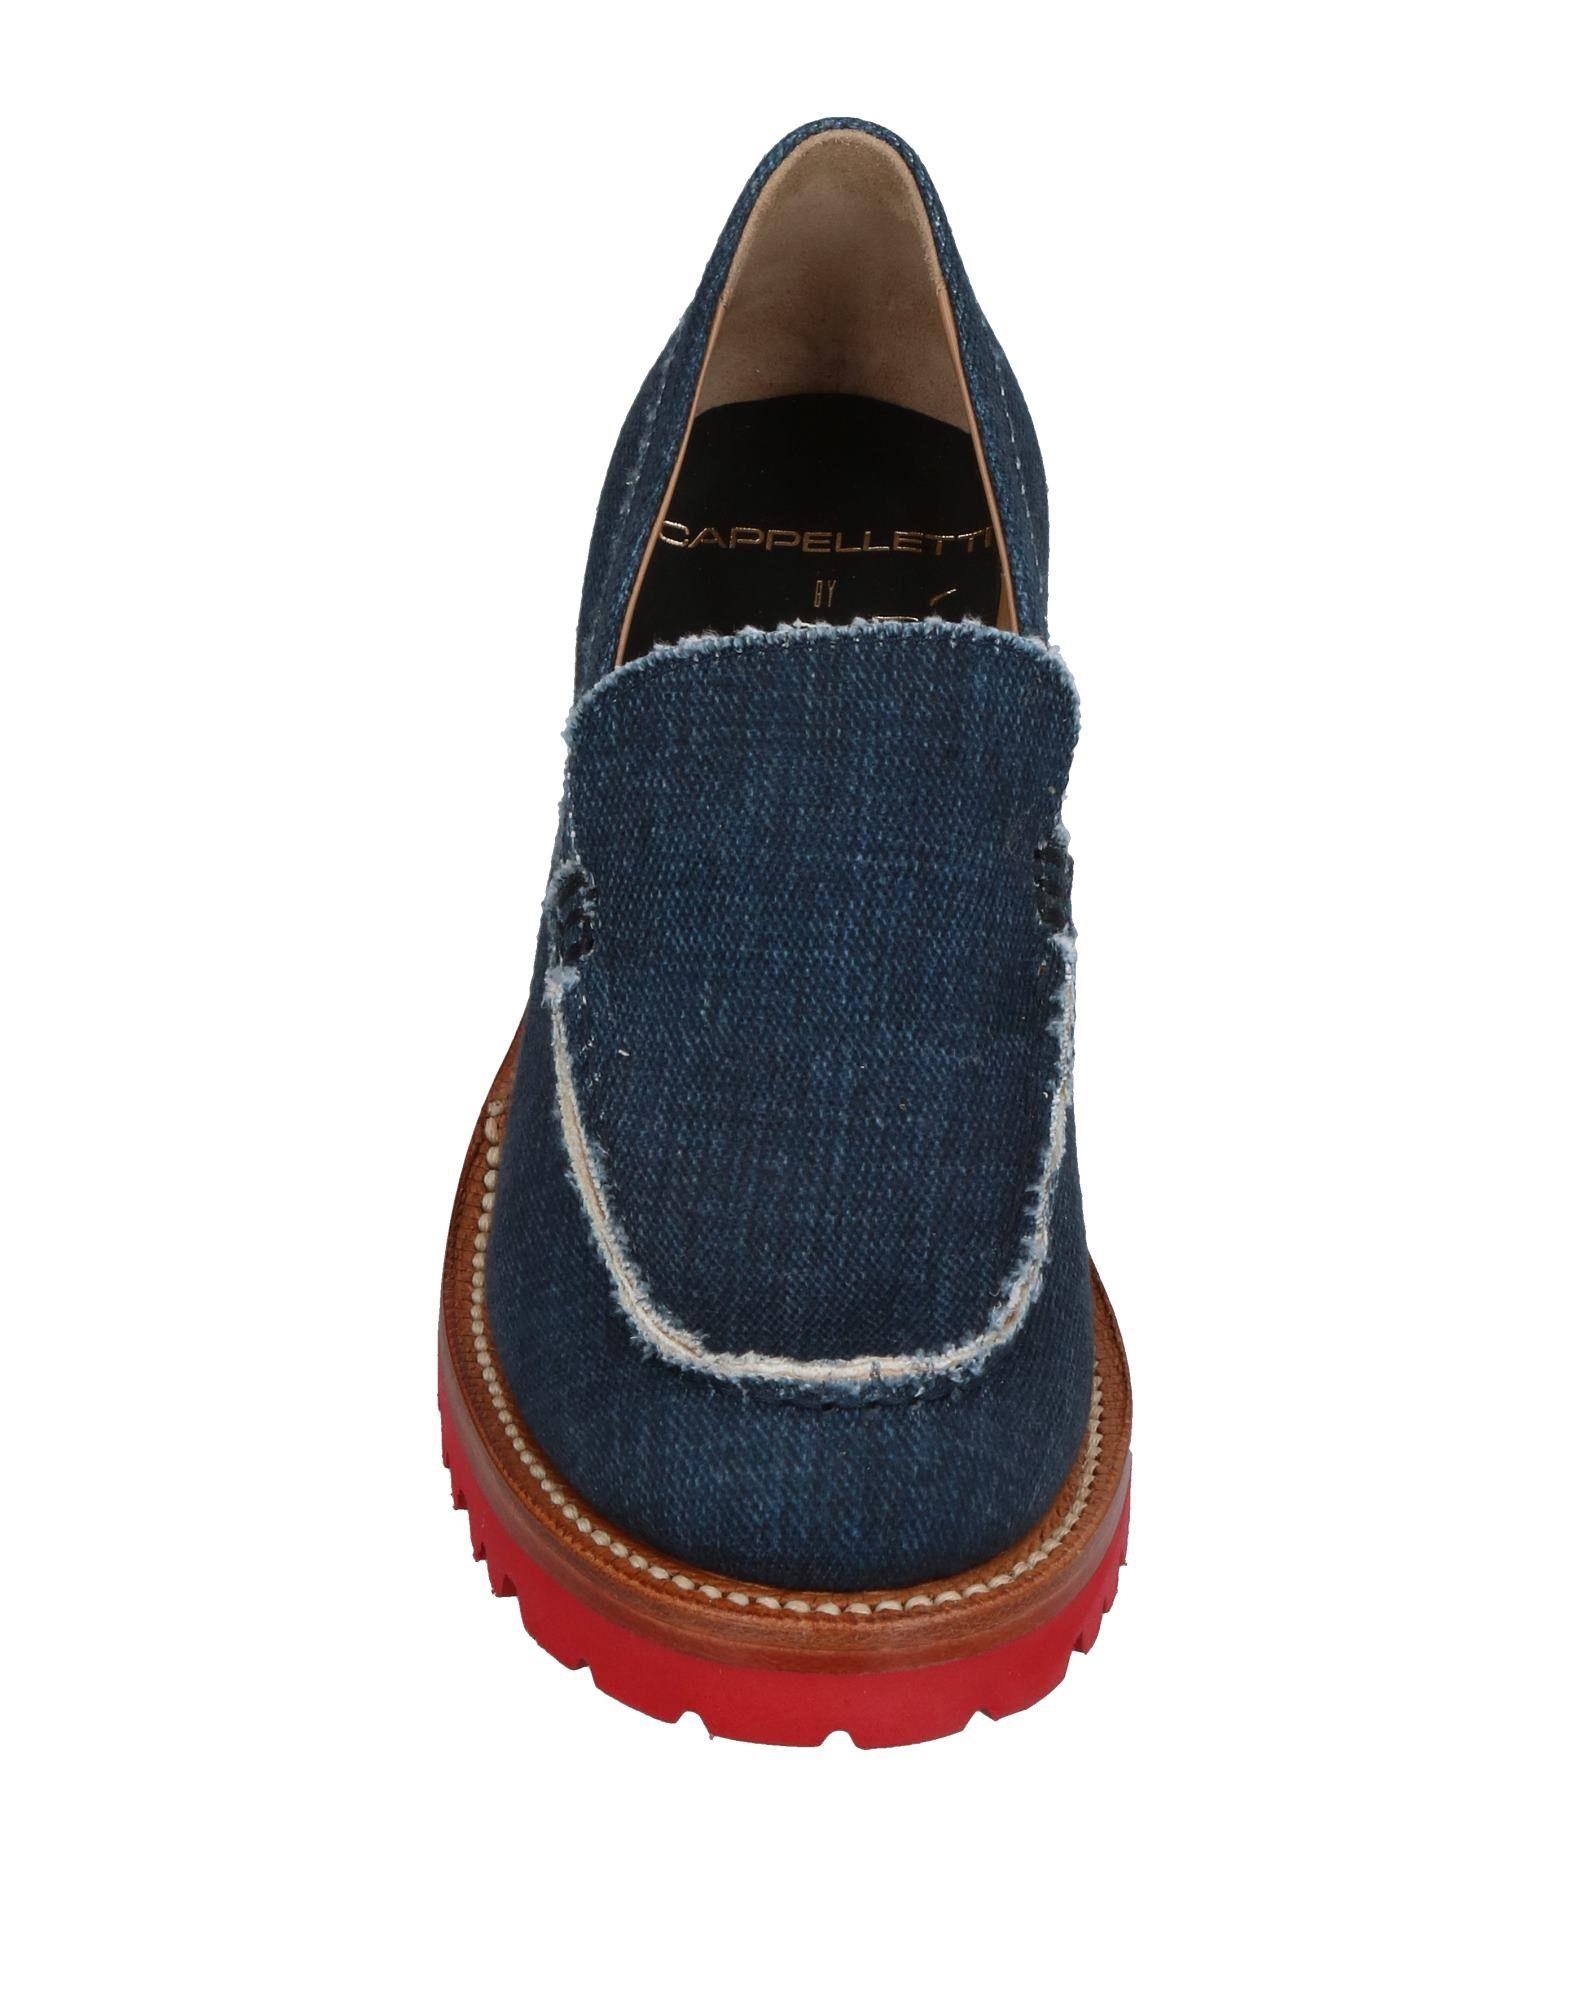 Gut Gut Gut um billige Schuhe zu tragenCappelletti Mokassins Damen  11387761QR b5cfe0